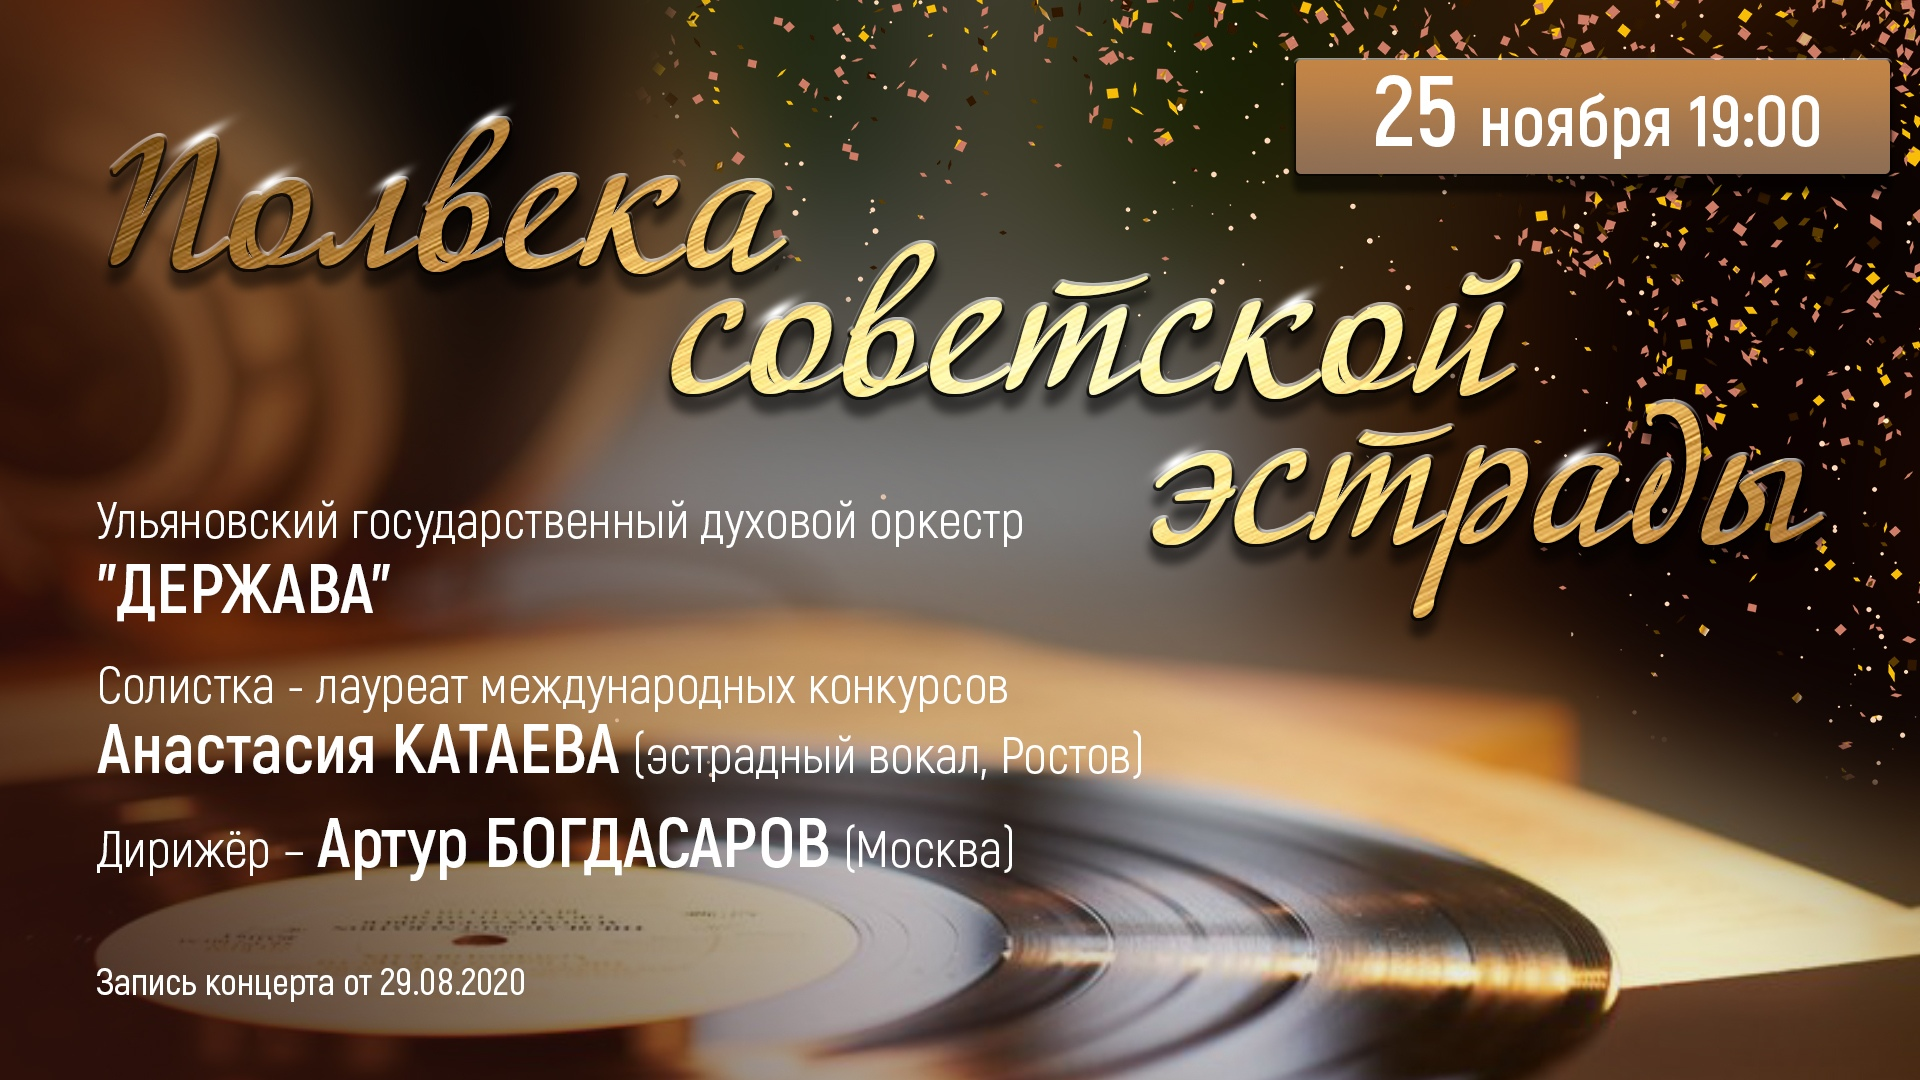 Онлайн-трансляция концерта «Полвека советской эстрады»